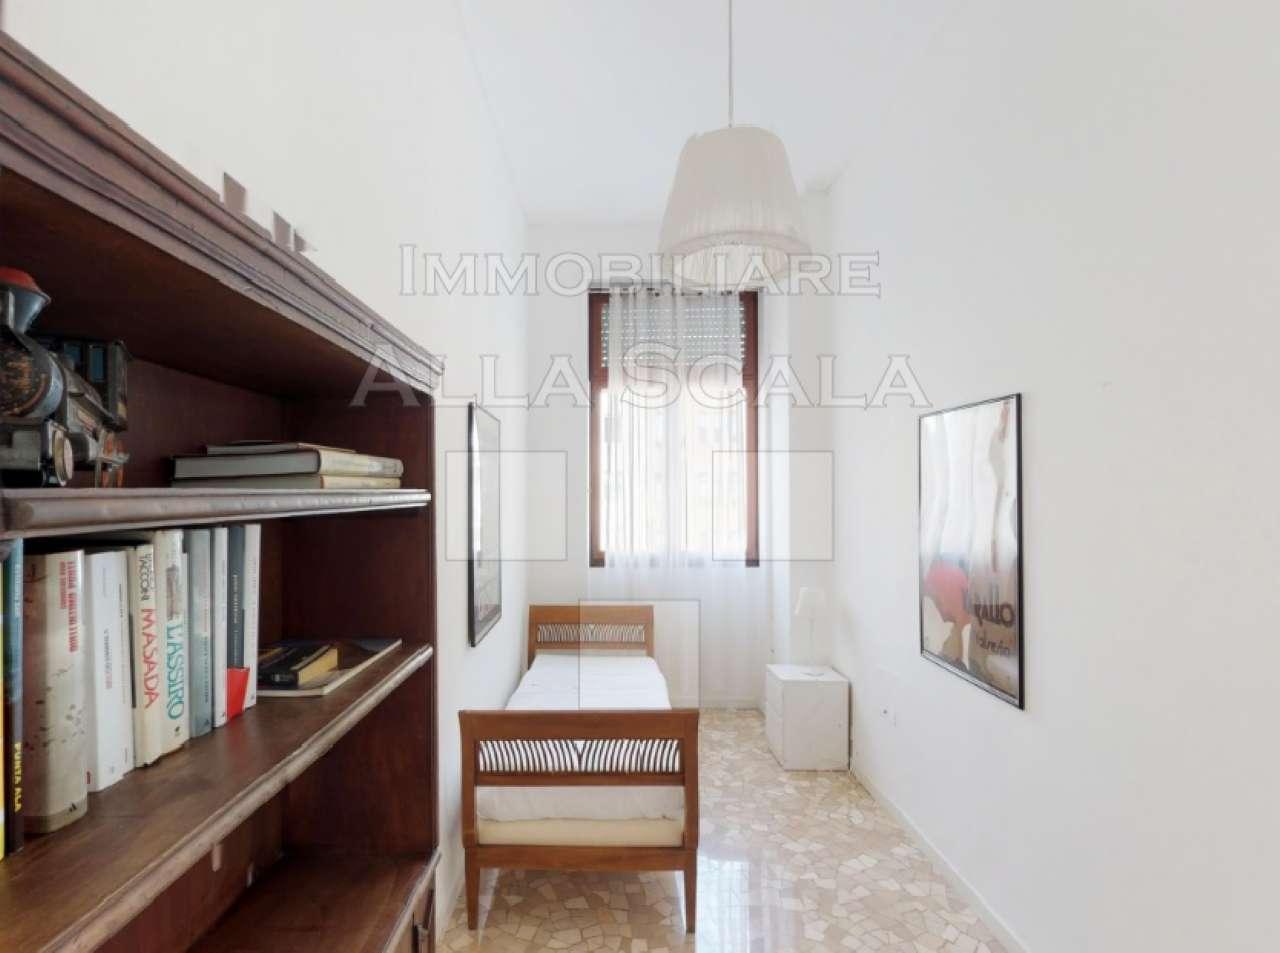 Appartamento in Vendita a Milano: 4 locali, 160 mq - Foto 9